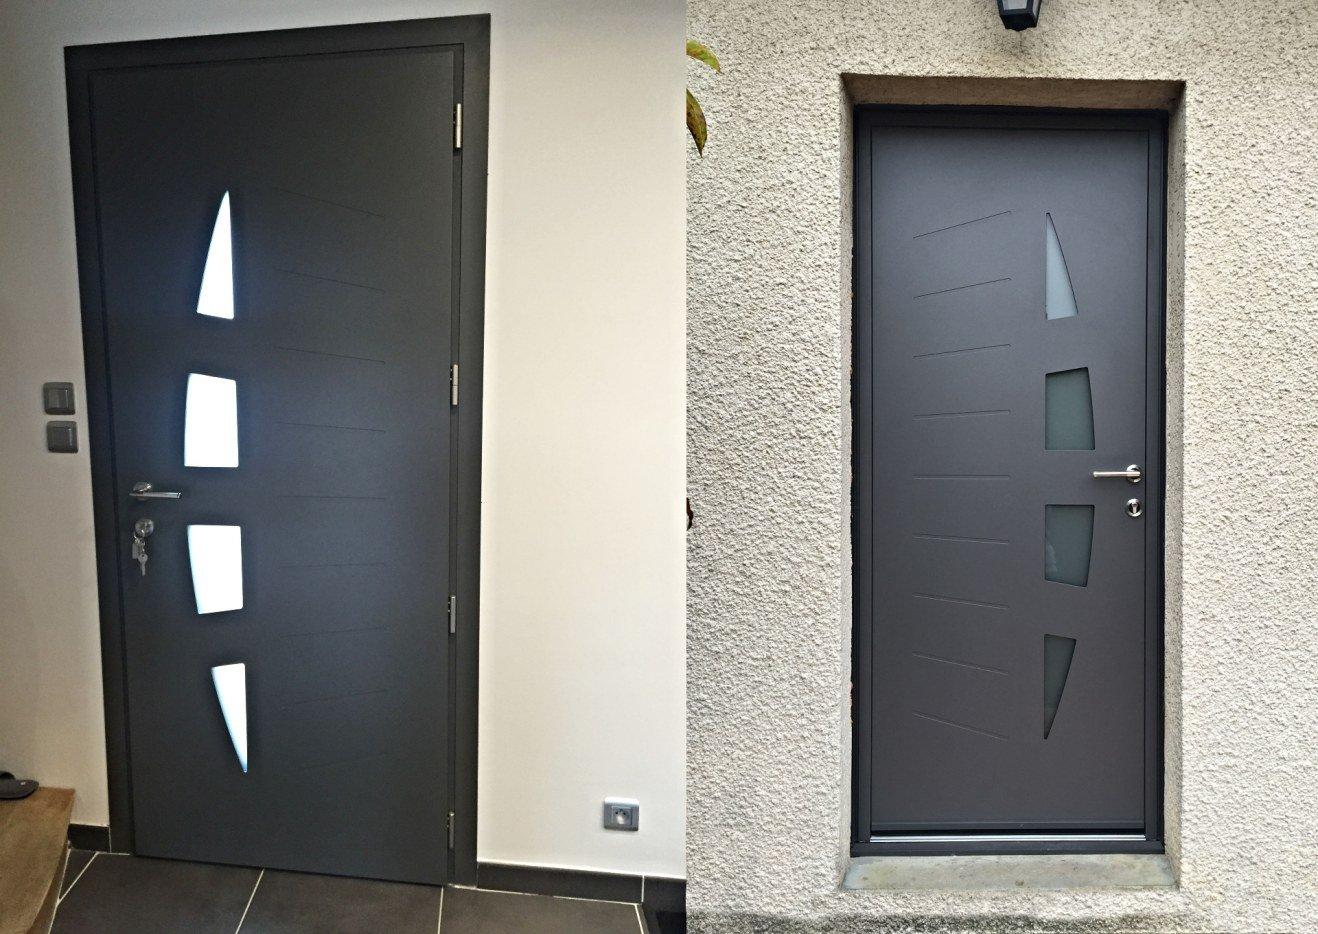 Porte d'entrée alu aluminium 7016 gris kline k-line belm bel'm réno rénovation esprit d'ouvertures